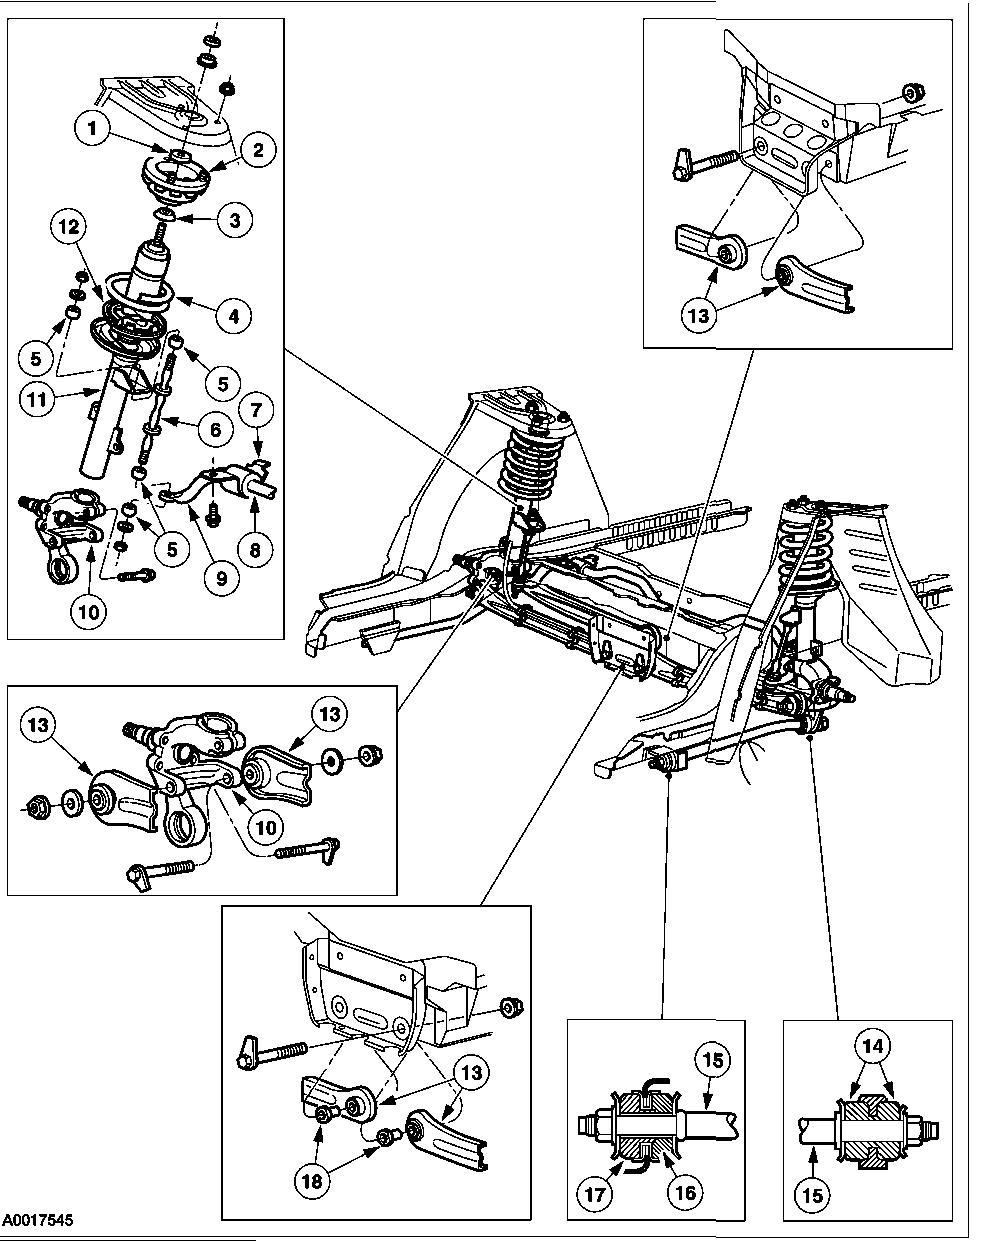 medium resolution of 2000 ford taurus rear suspension diagram wiring diagram third level 2000 ford taurus suspension diagram